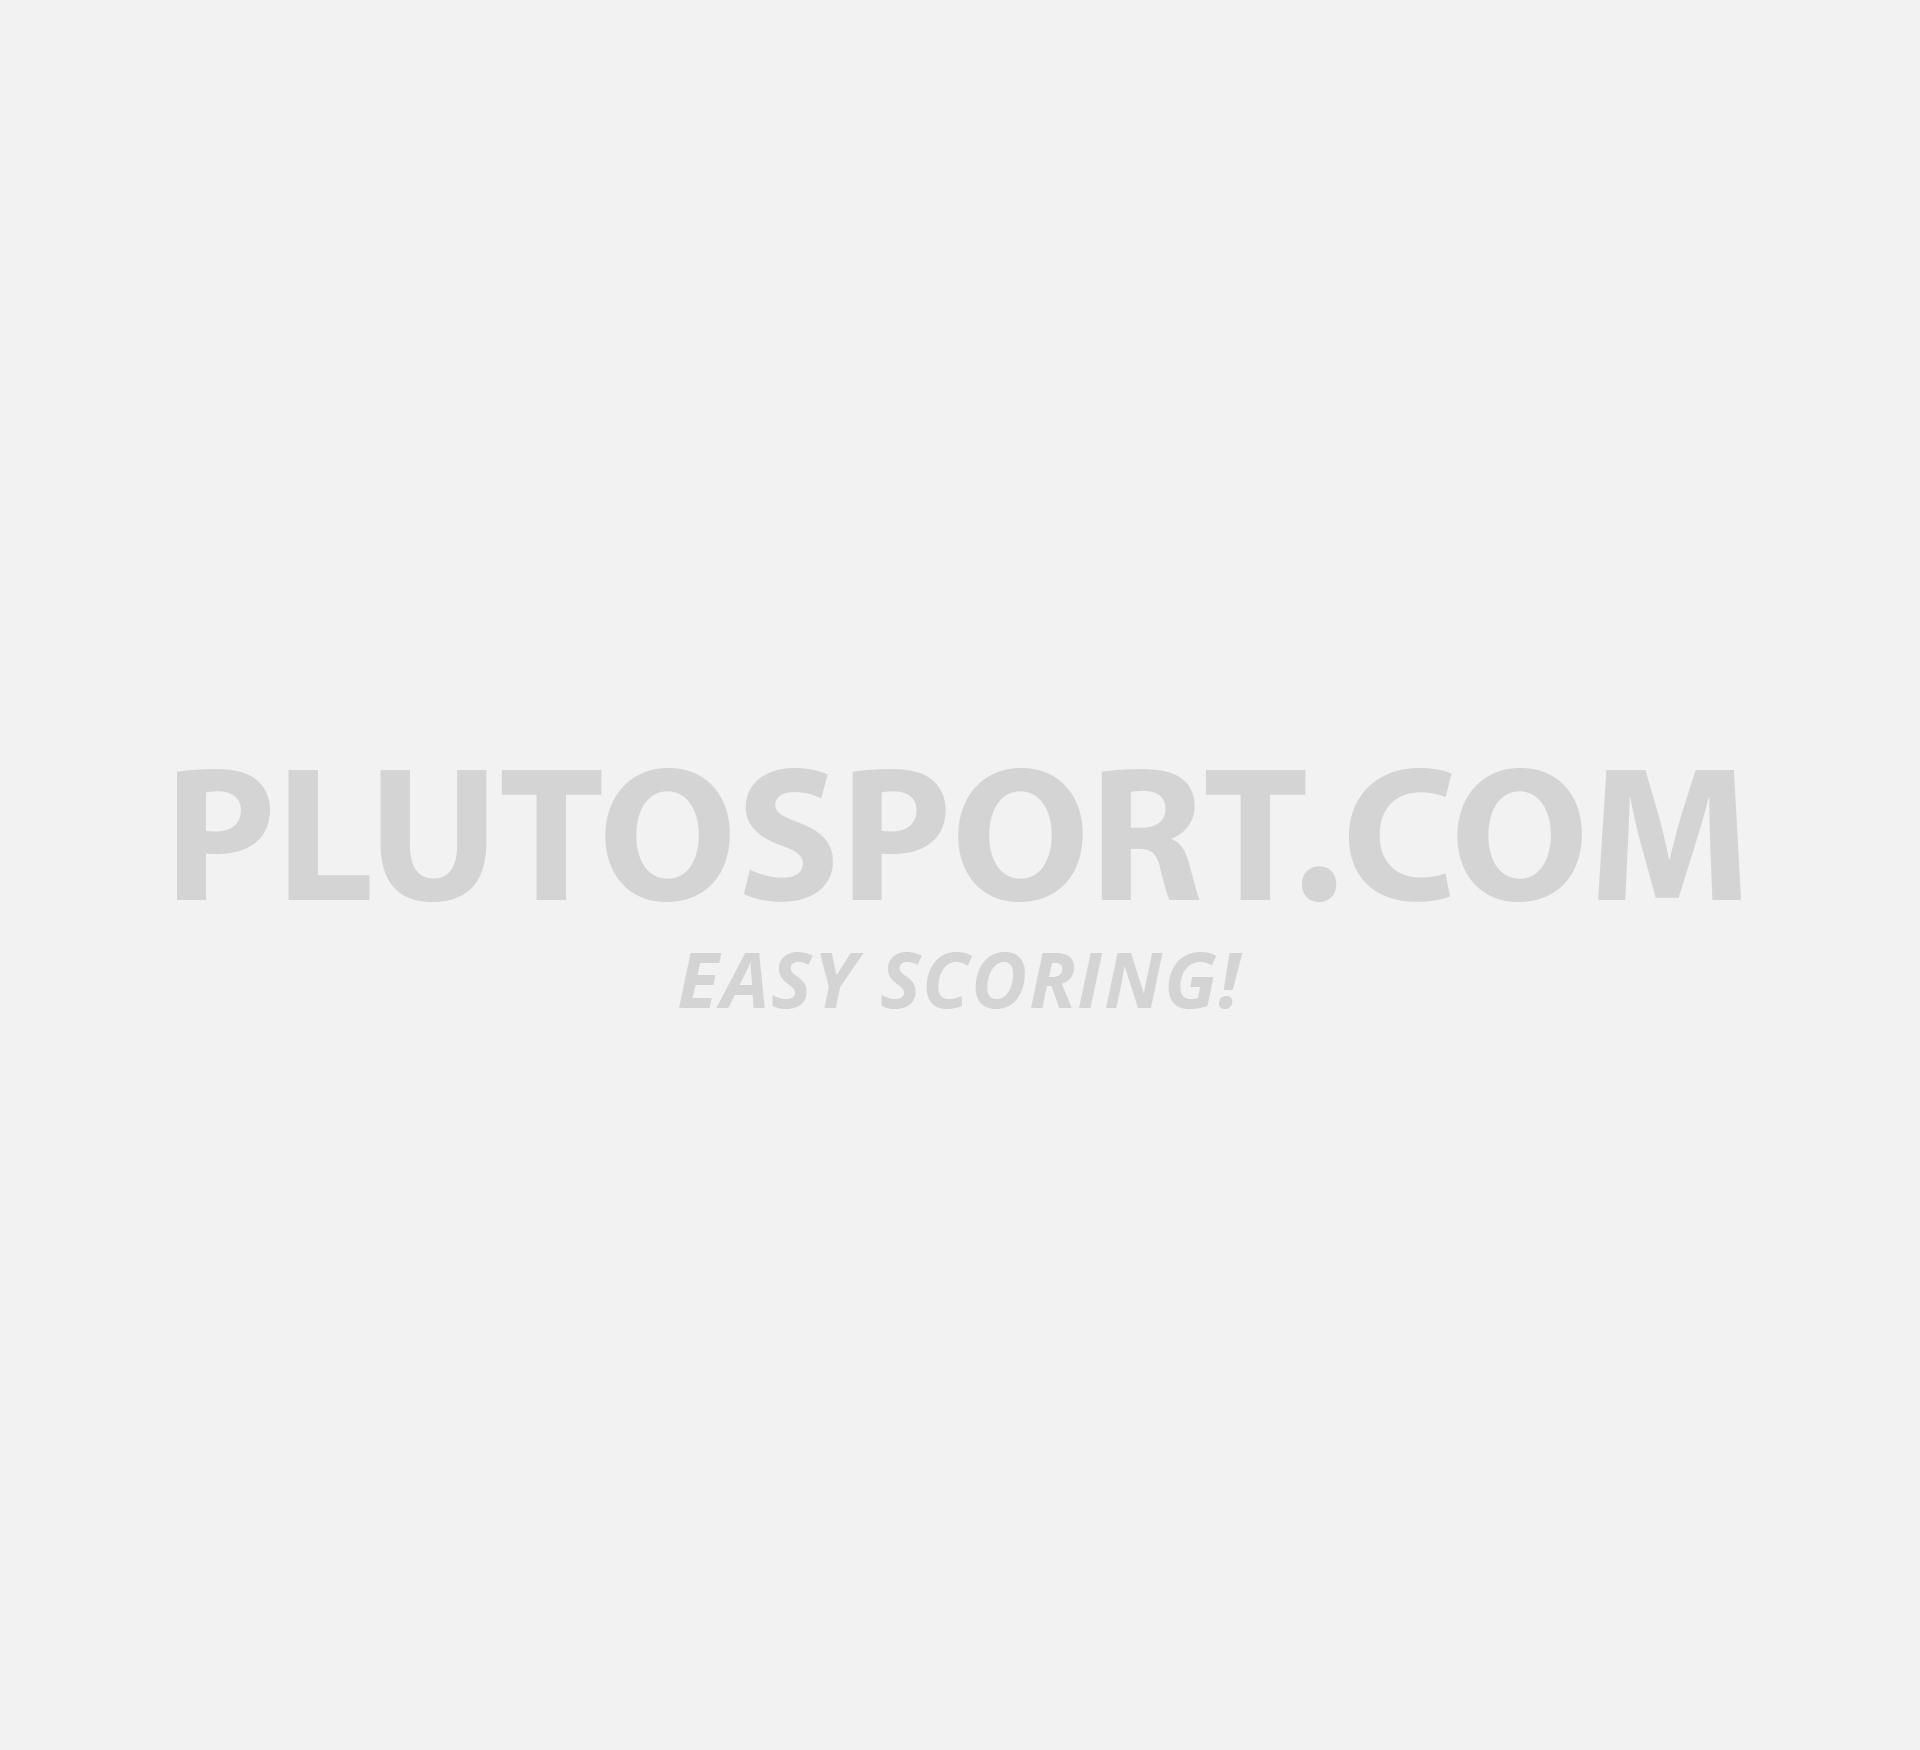 Adidas Bercuda Tennis Shoes Review